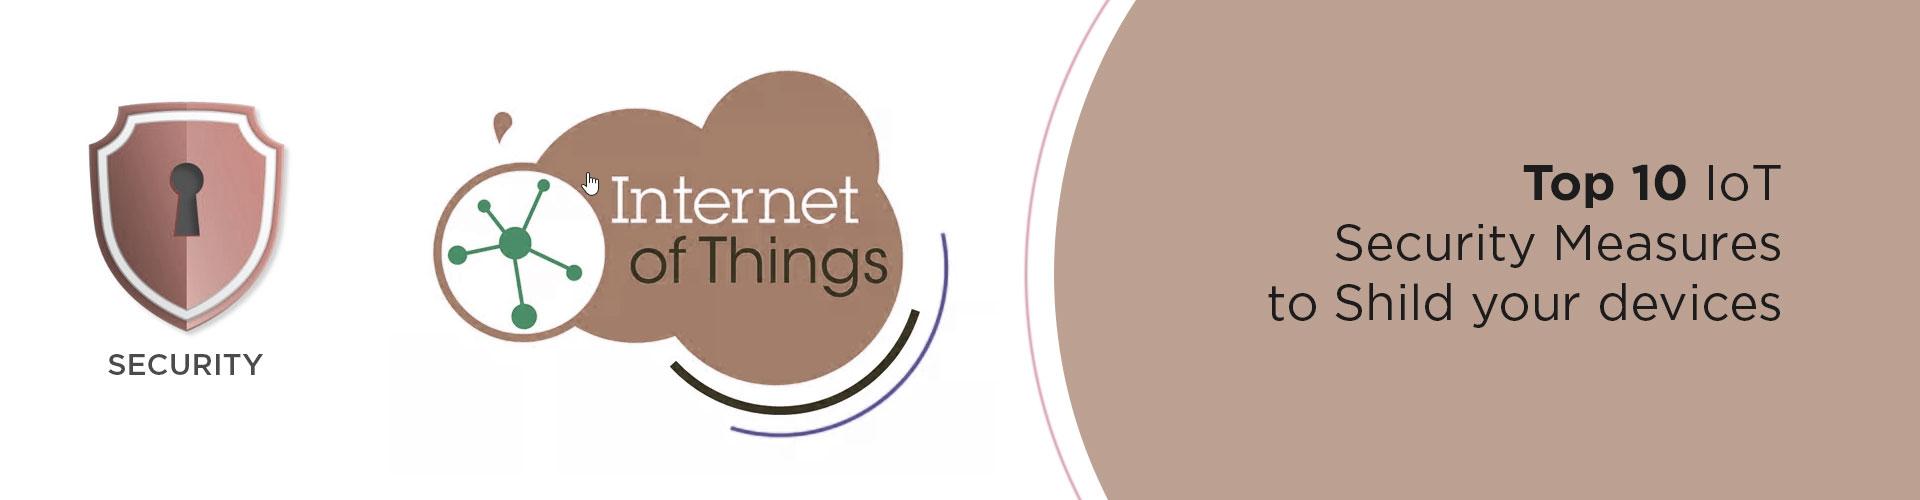 Top 10 IoT Security measures